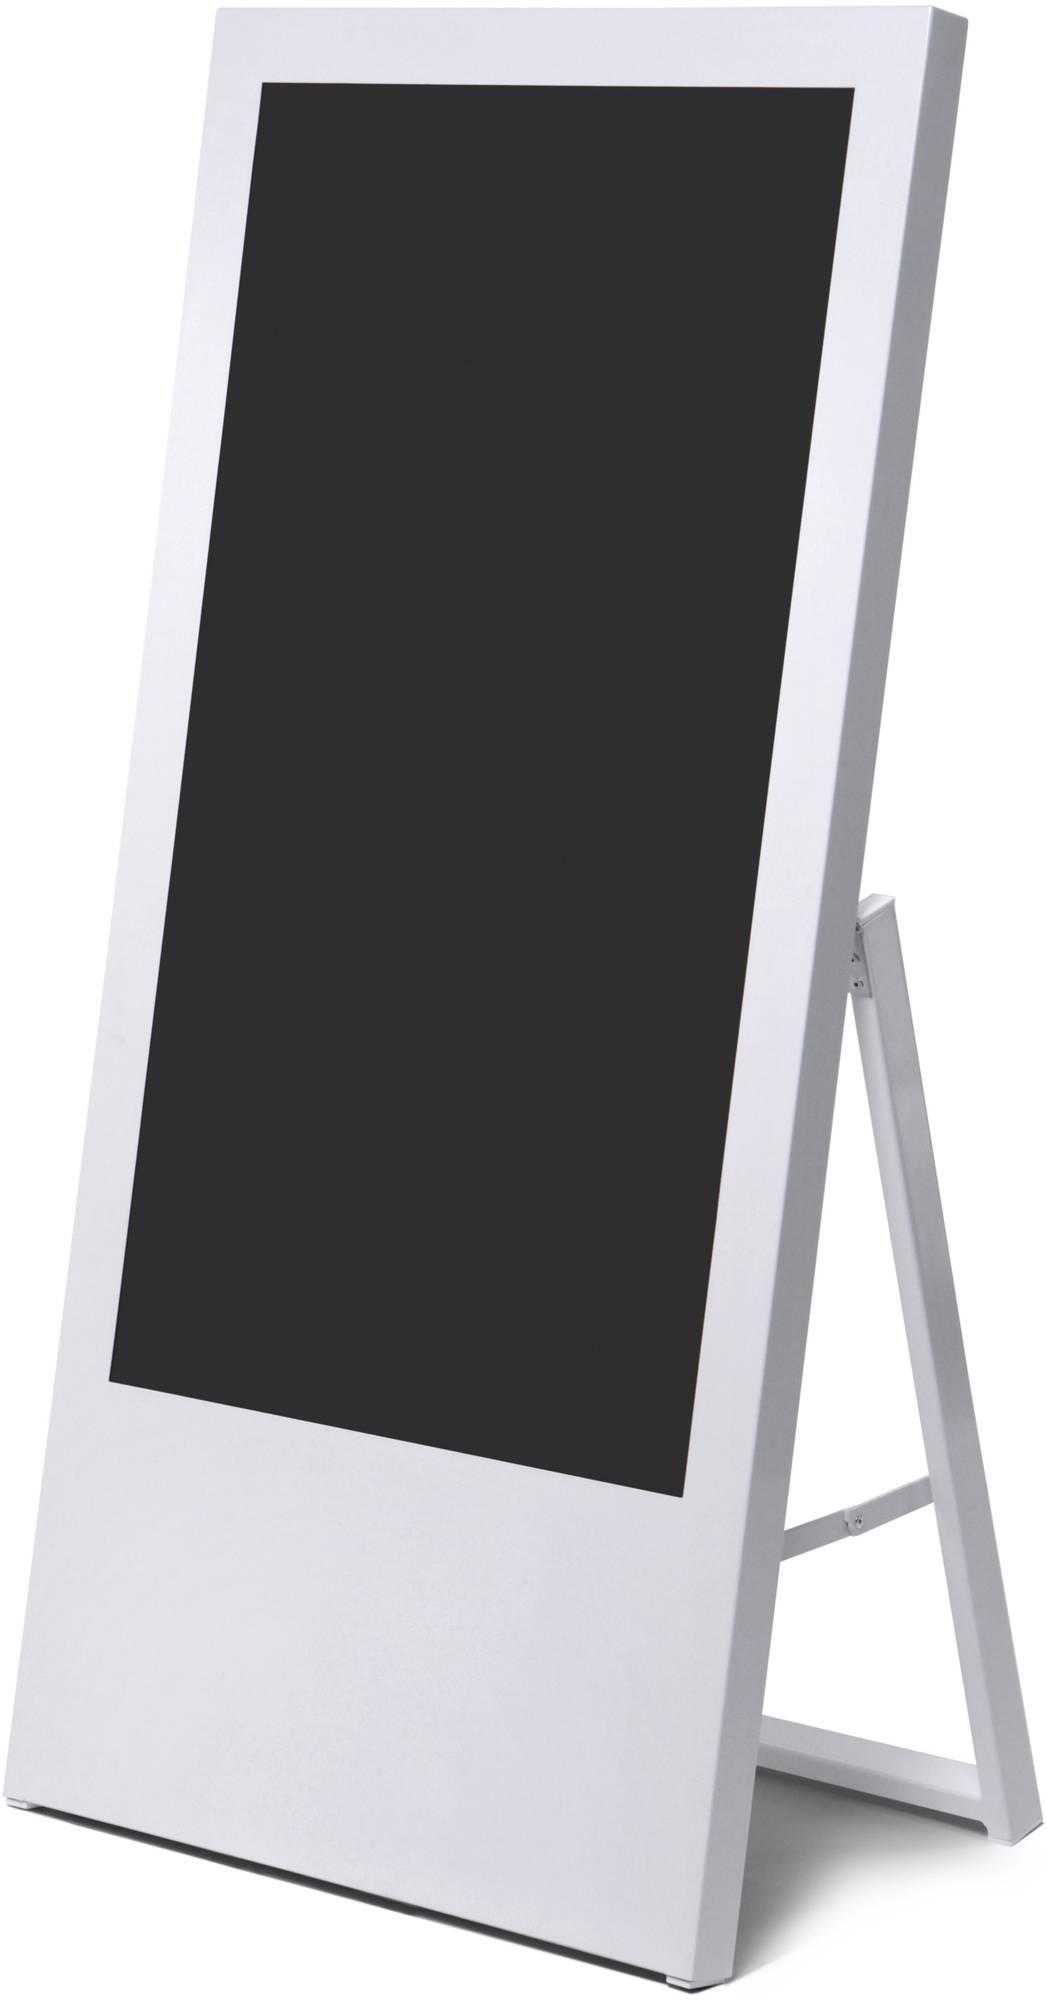 Weißer digitaler Kundenstopper Economy - Digital Signage für Bildschirme im Format 43 Zoll geeignet